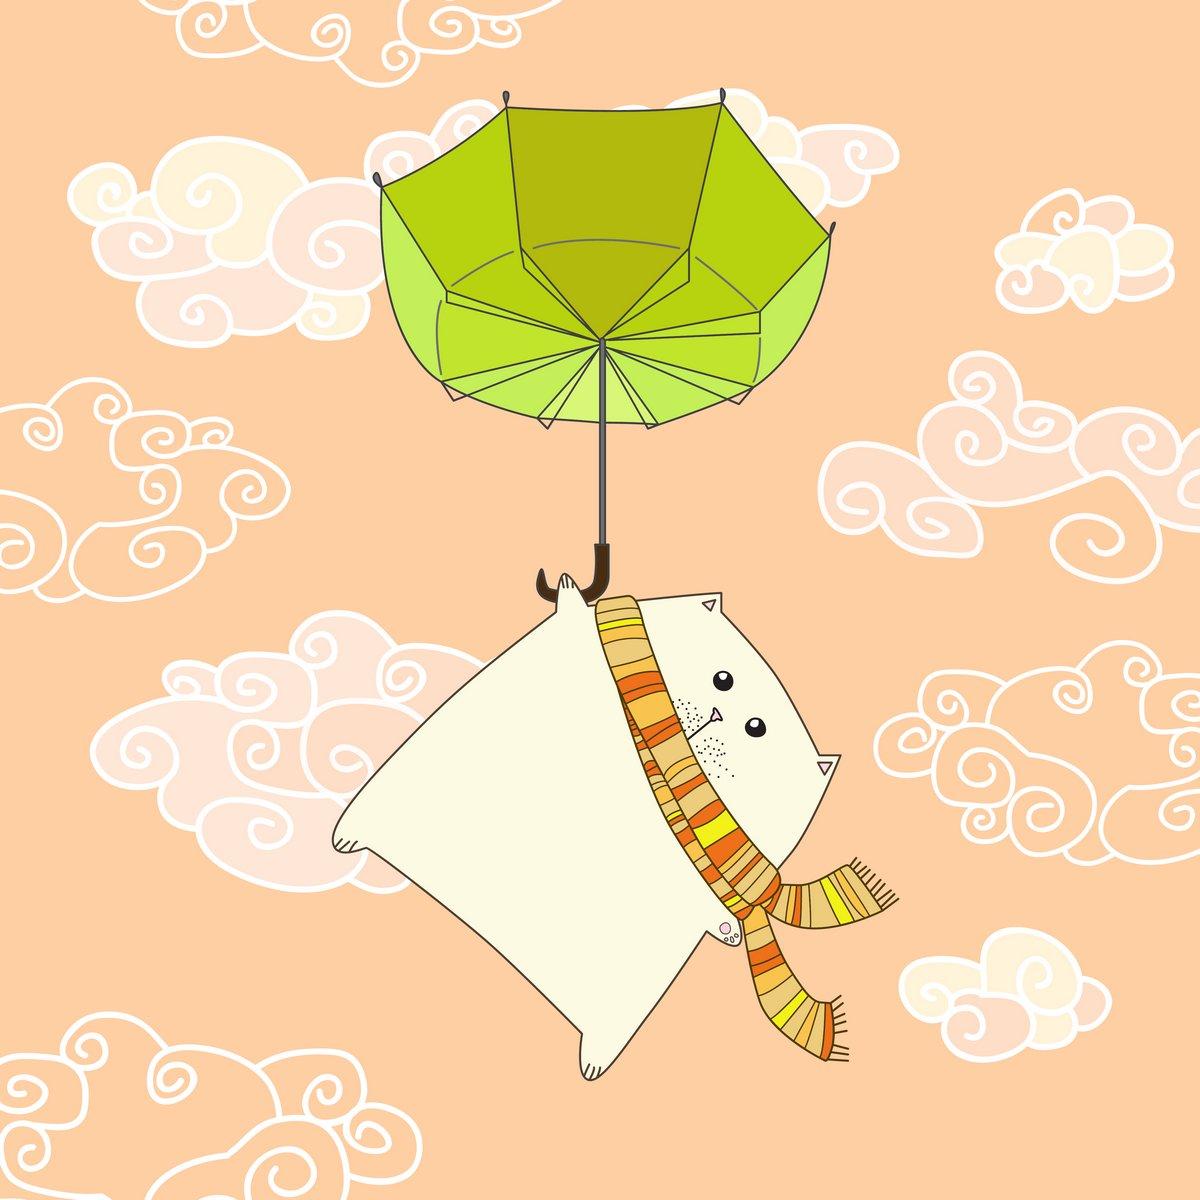 Постер Разные детские постеры Летающий Кот на зонт. Векторные иллюстрацииРазные детские постеры<br>Постер на холсте или бумаге. Любого нужного вам размера. В раме или без. Подвес в комплекте. Трехслойная надежная упаковка. Доставим в любую точку России. Вам осталось только повесить картину на стену!<br>